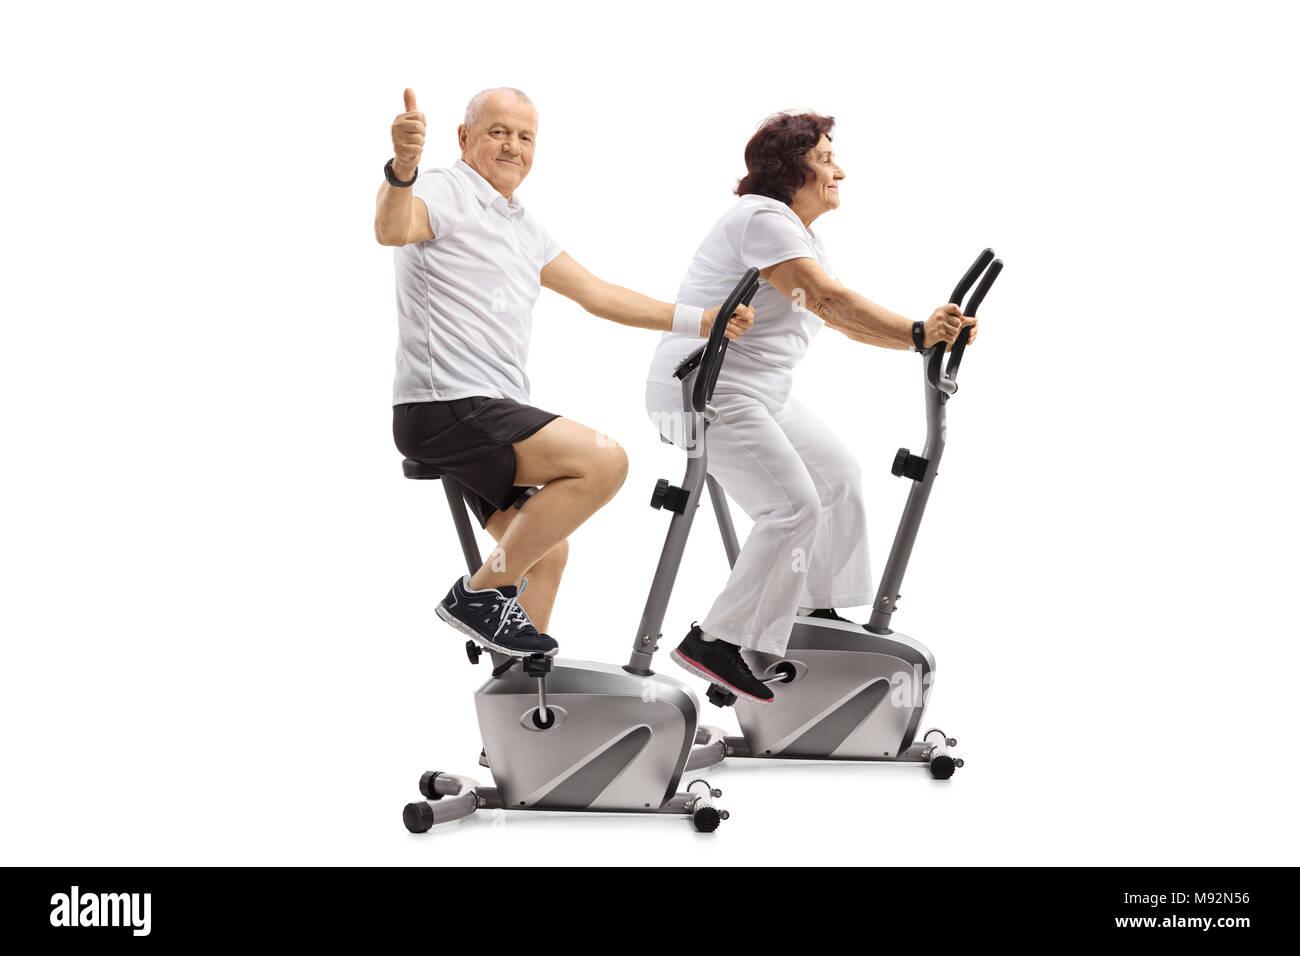 Homme mûr et d'une femme mature sur des vélos d'exercice avec l'homme de faire un pouce vers le haut signe isolé sur fond blanc